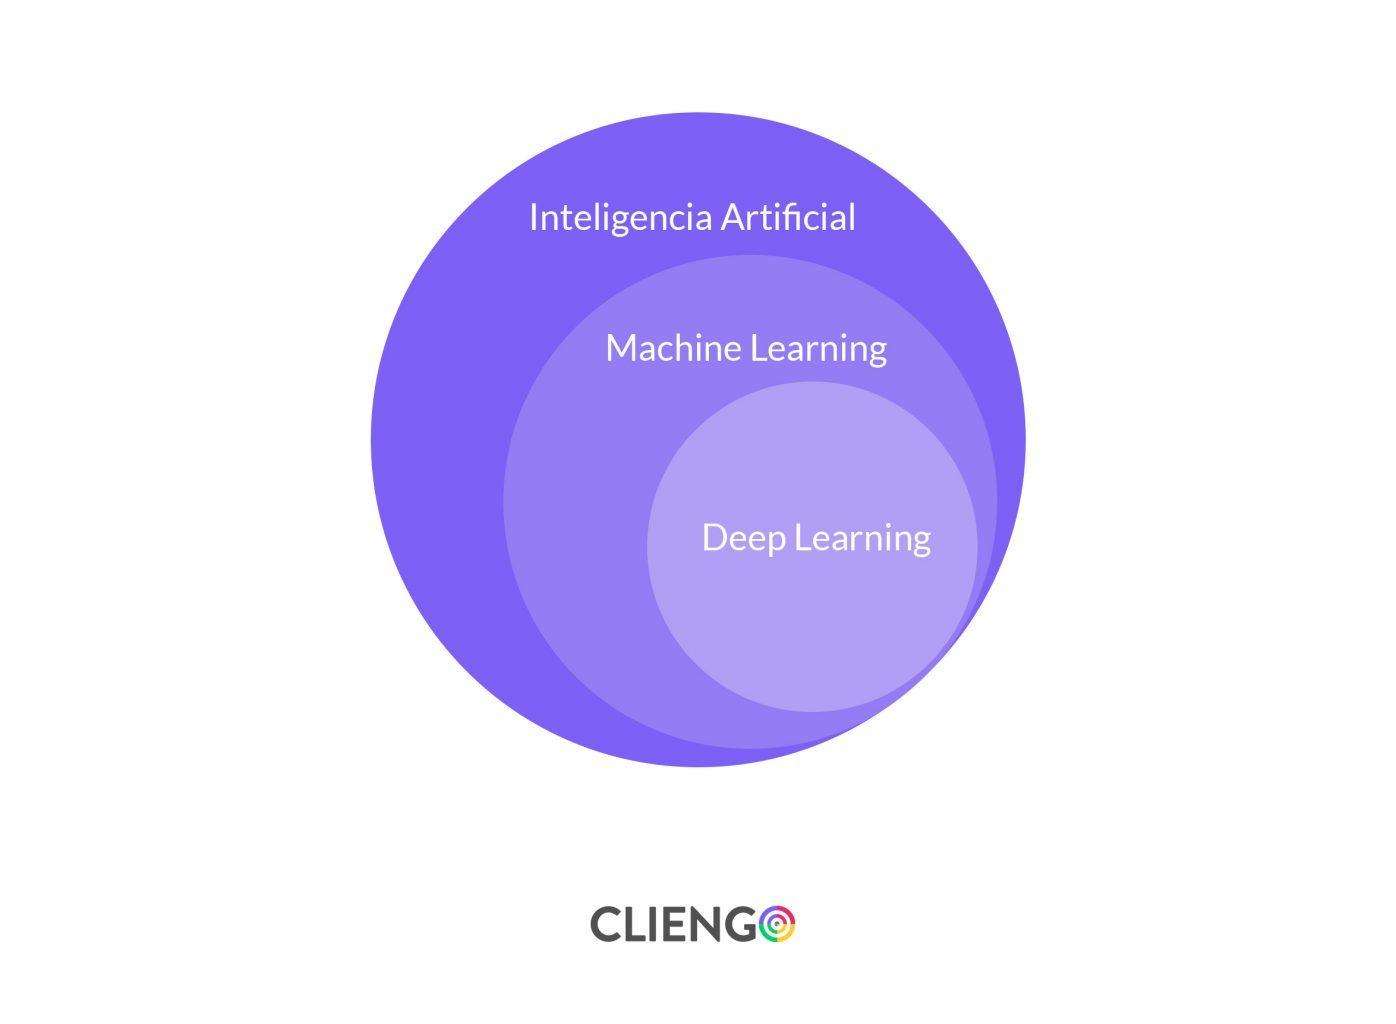 tipos de inteligencia artificial, ¿qué es?